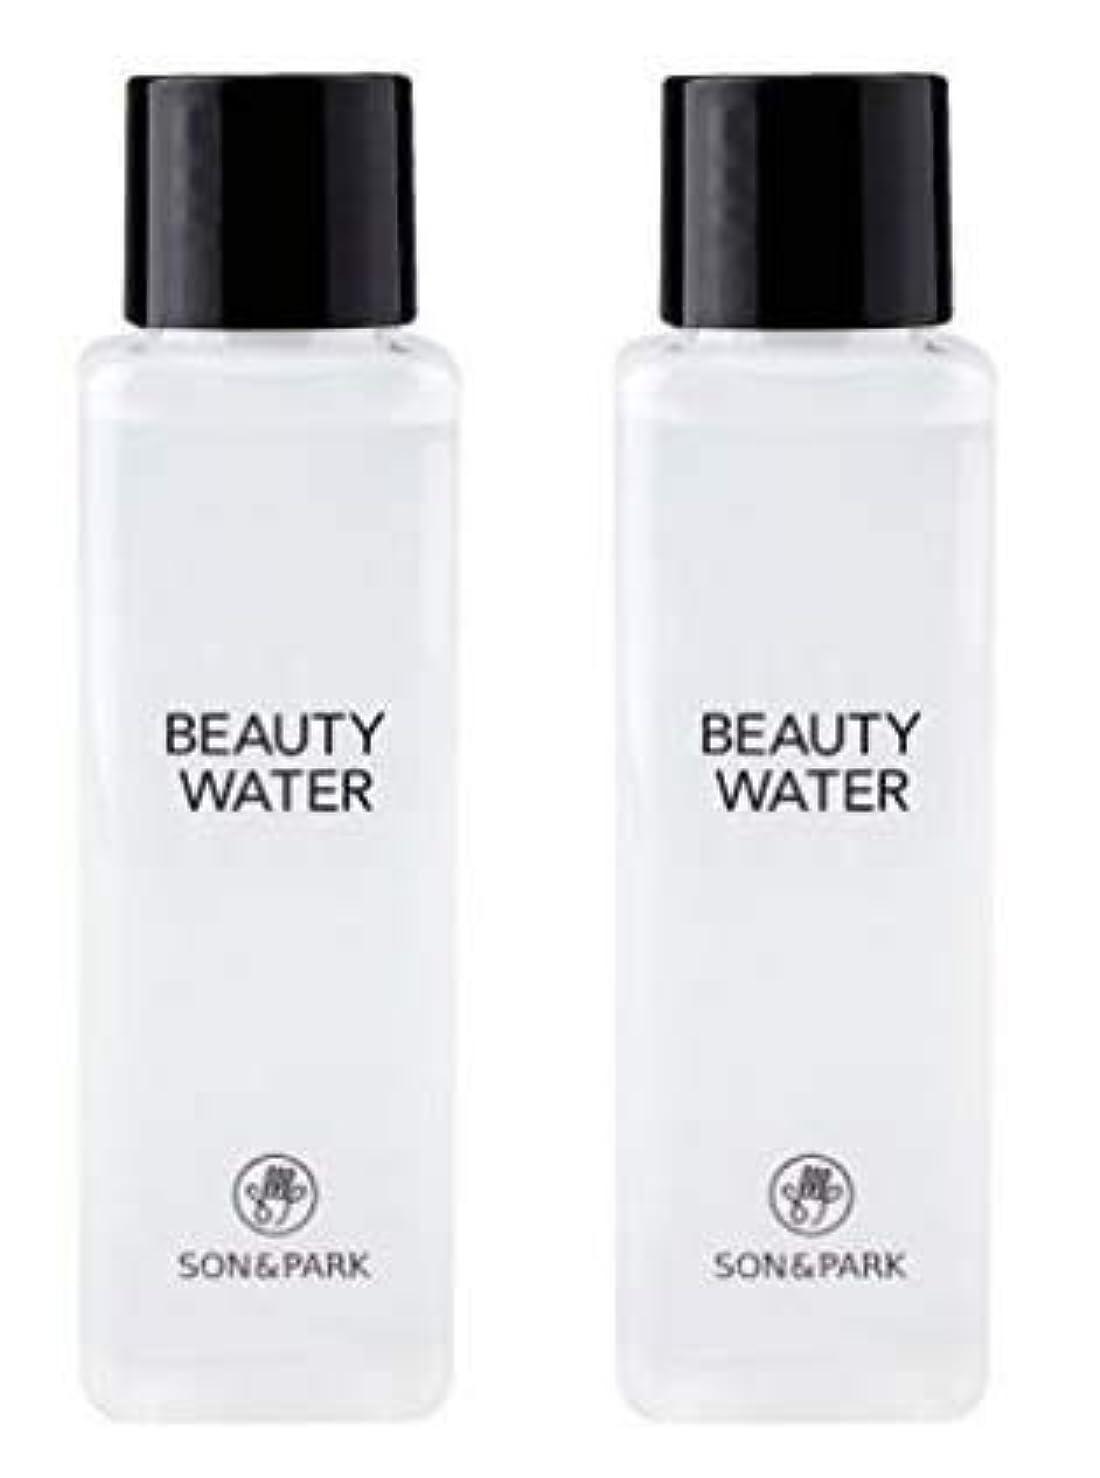 眉ゆるく硬いSON&PARK Beauty Water 60ml*2 / ソン&パク ビューティー ウォーター 60ml*2 [並行輸入品]